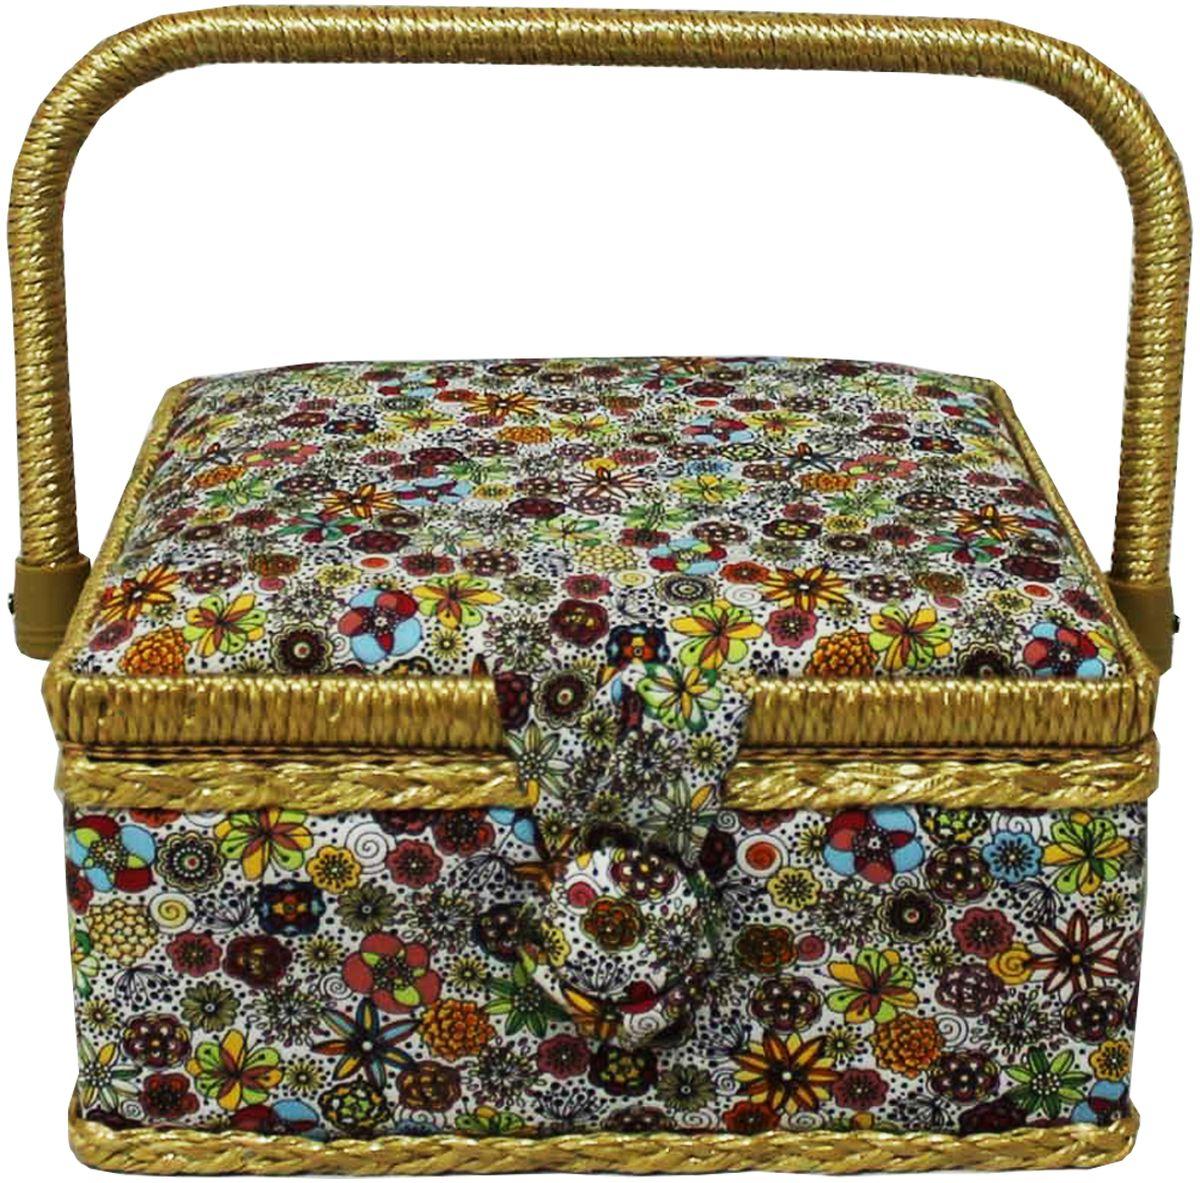 Шкатулка для рукоделия Grace & Glamour, 20 х 20 х 11 см. BN4737BN4737Интерьерная шкатулка из коллекции Весенние цветы выполнена с использованием натуральных материалов: каркас из дерева обтянут дизайнерской тканью Robert Kaufman (100% хлопок) с мягким наполнителем. Внутри шкатулка отделана искусственным шелком, имеется кармашек на резинке и шелковая игольница с двумя булавками. Шкатулка оснащена пластиковым вкладышем с 3 отсеками для мелочей. Ручка и края отделаны натуральным ротангом, который не только украшает шкатулку, но и оберегает края. Шкатулка поможет рукодельнице сорганизовать свое рабочее место, а значит, сократить время на создание своего творения. А кроме того, украсит любой интерьер и будет радовать свою обладательницу долгие годы благодаря качественному исполнению и материалам. Прекрасный подарок любой женщине!